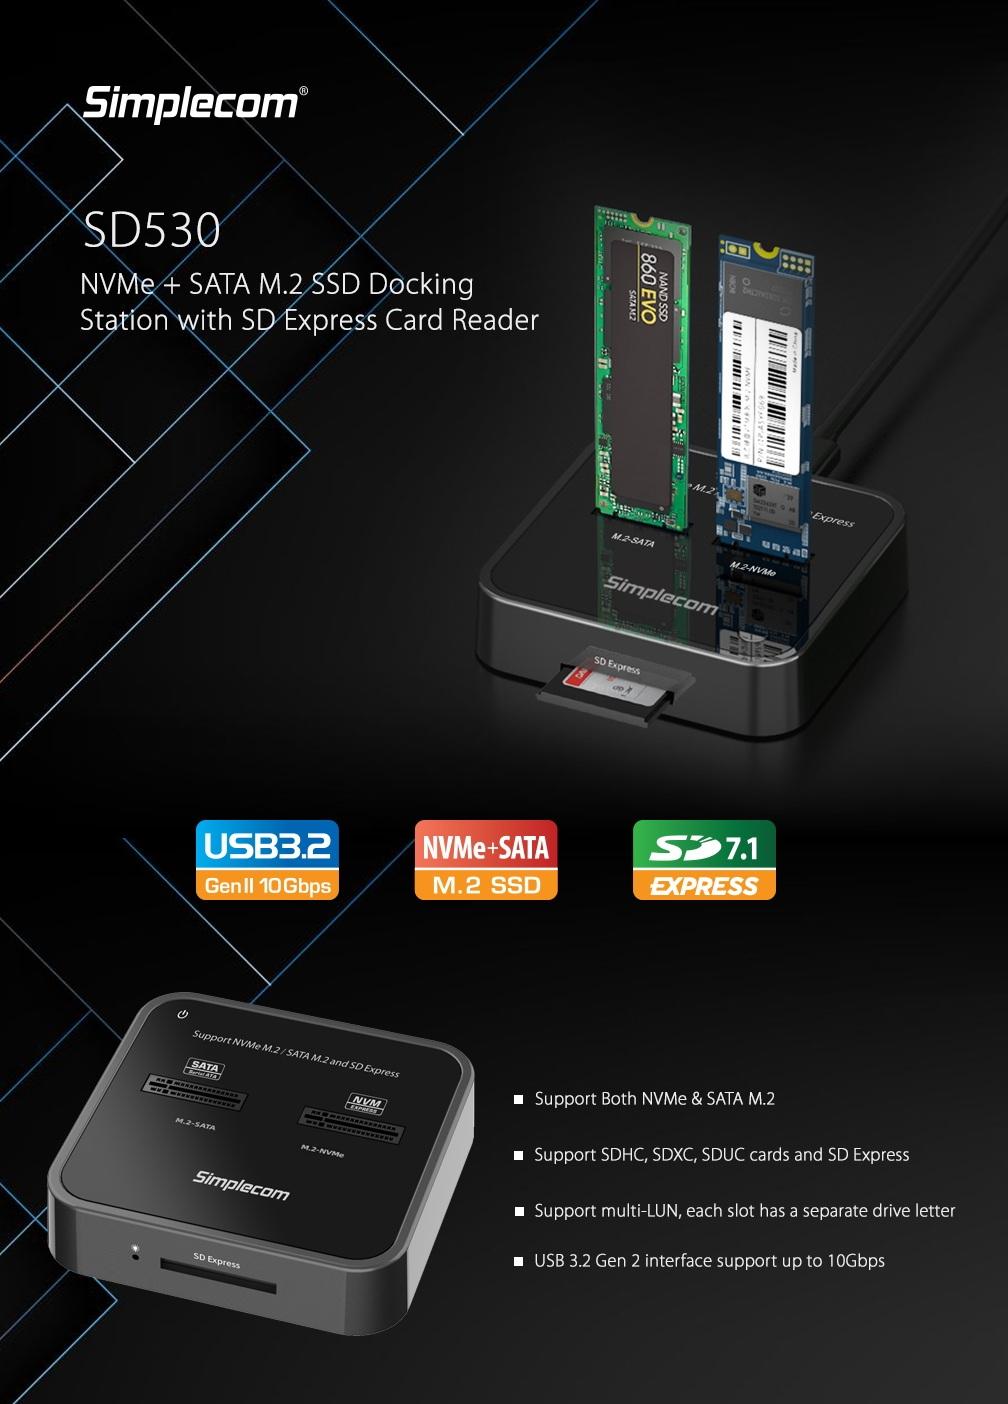 SD530_main.jpg